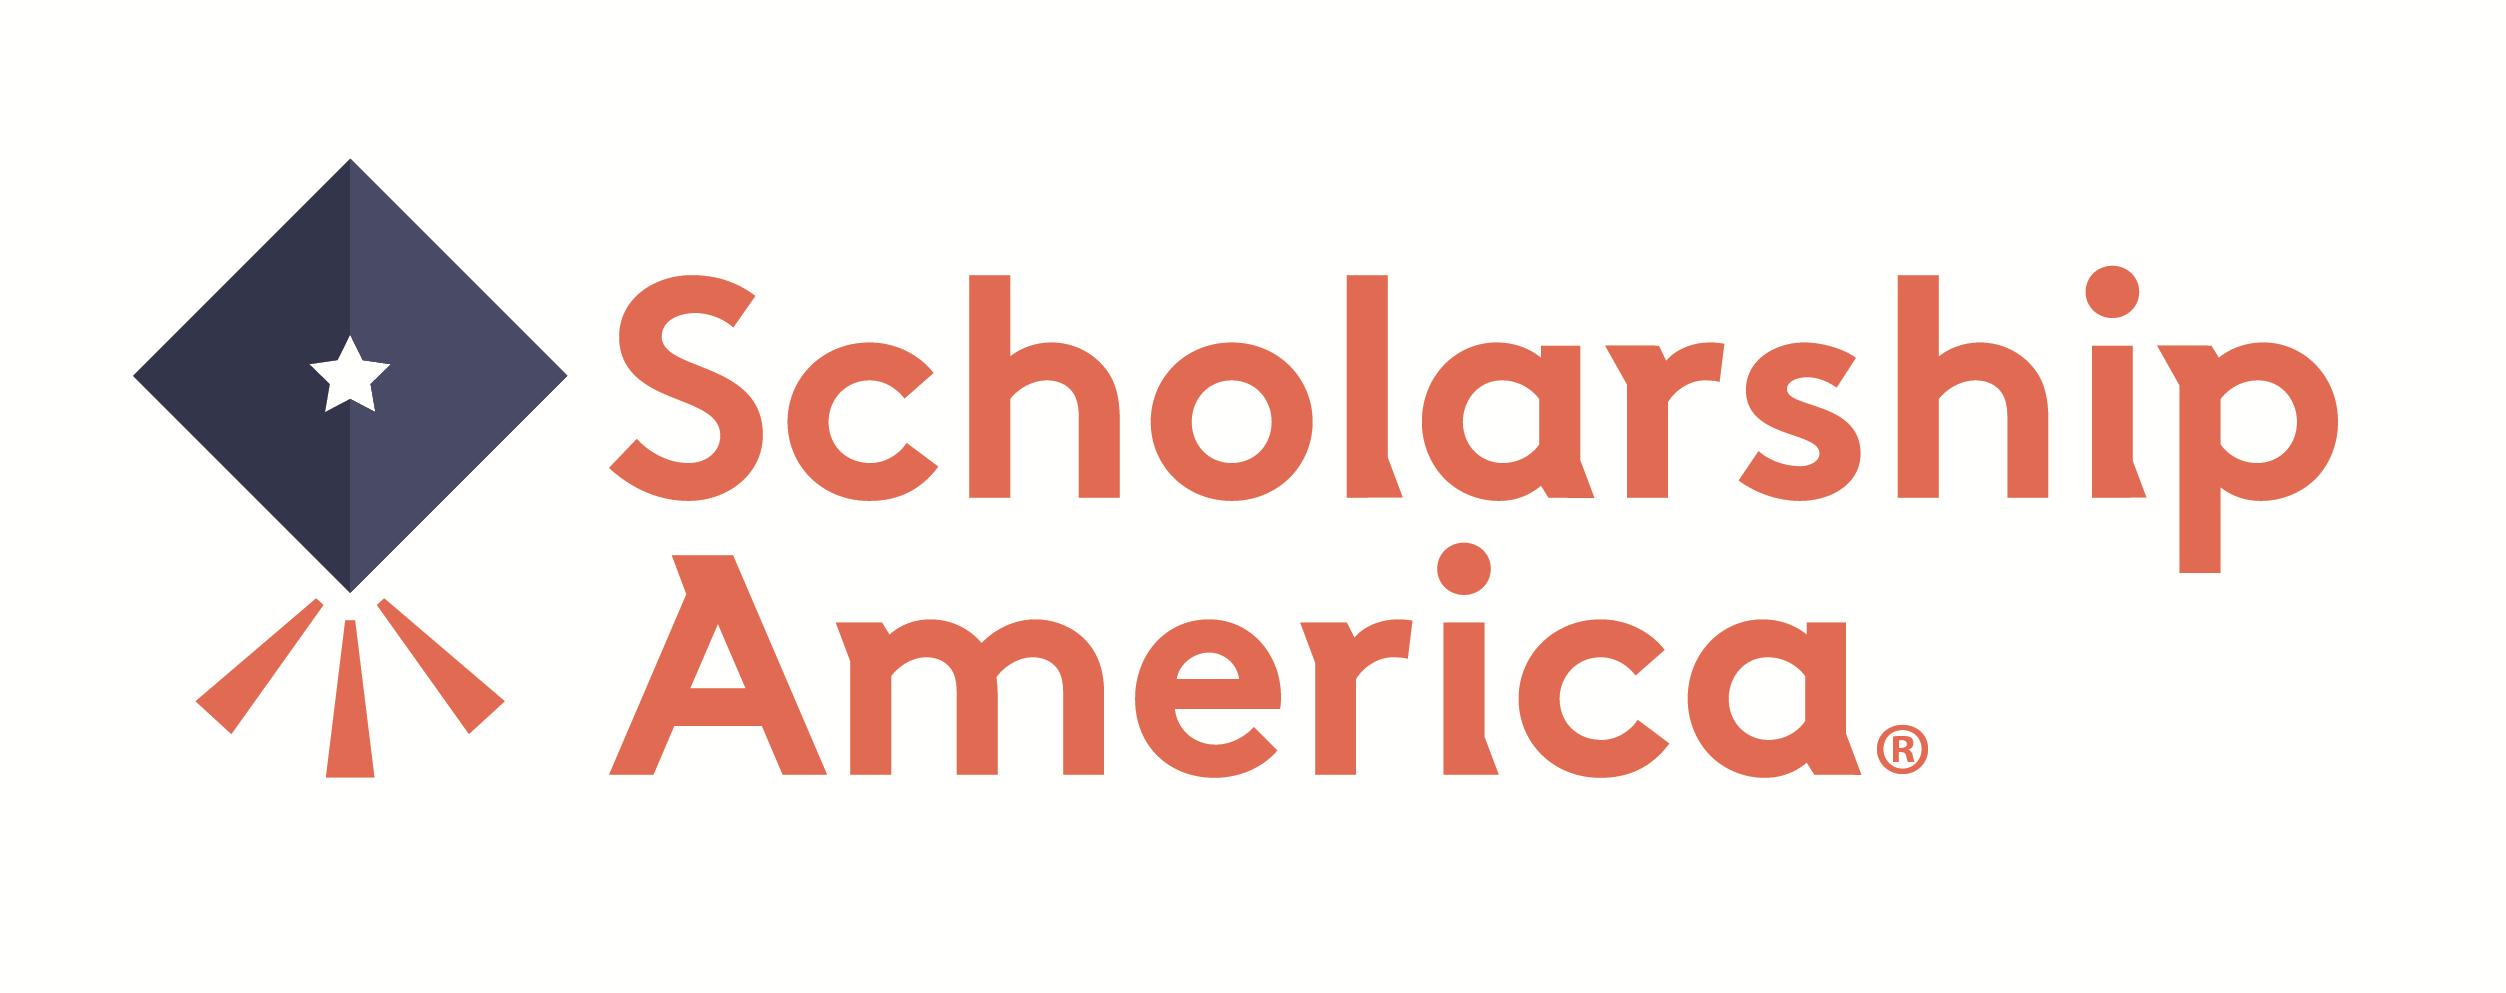 Scholarship America Company Logo